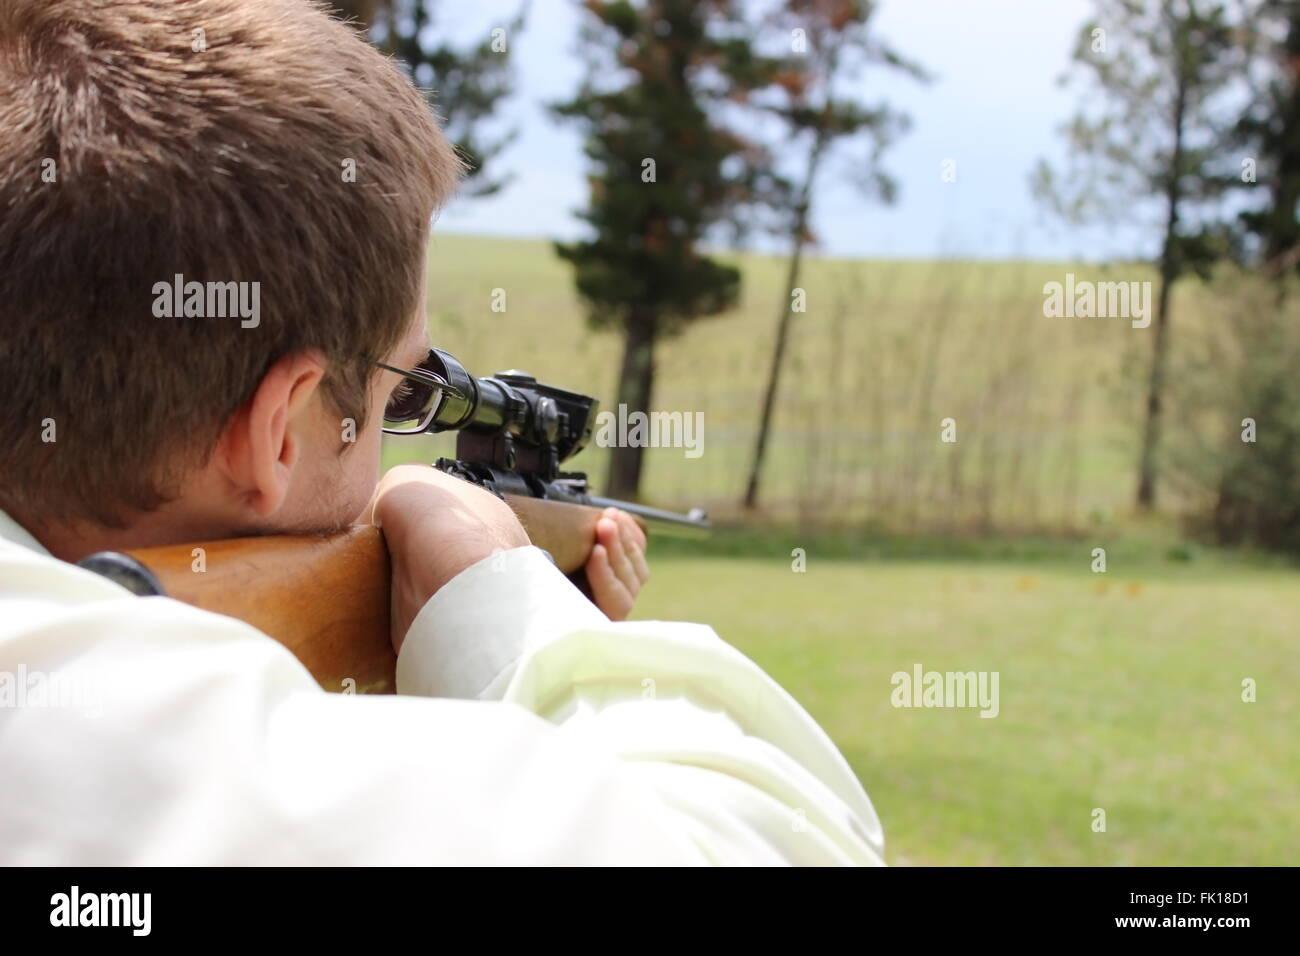 target shooting - Stock Image